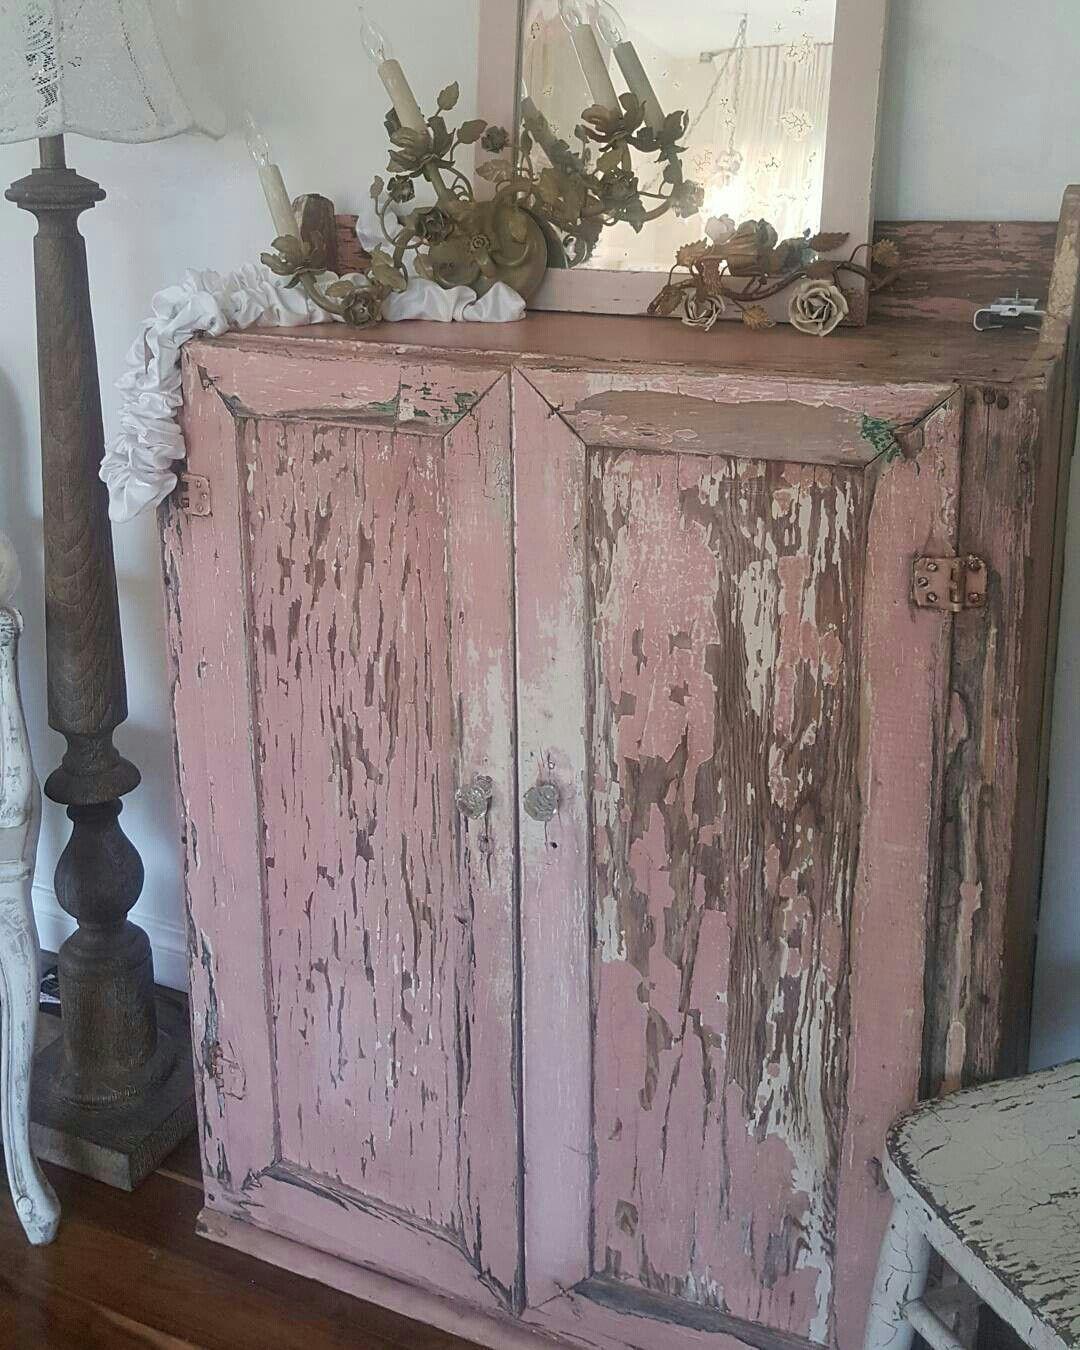 Pin de dora luz polanco en muebles decorados vintage - Muebles decorados a mano ...